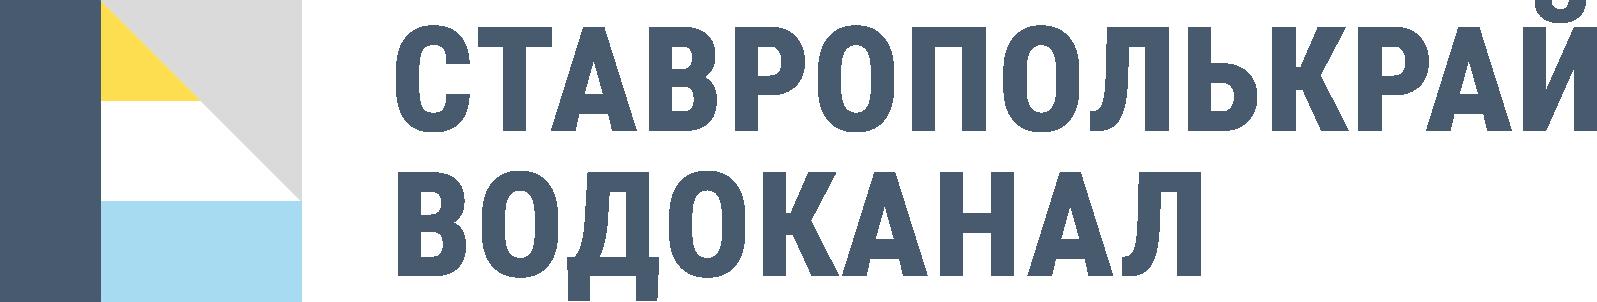 Договор поставки с ГУП СК «Ставрополькрайводоканал»